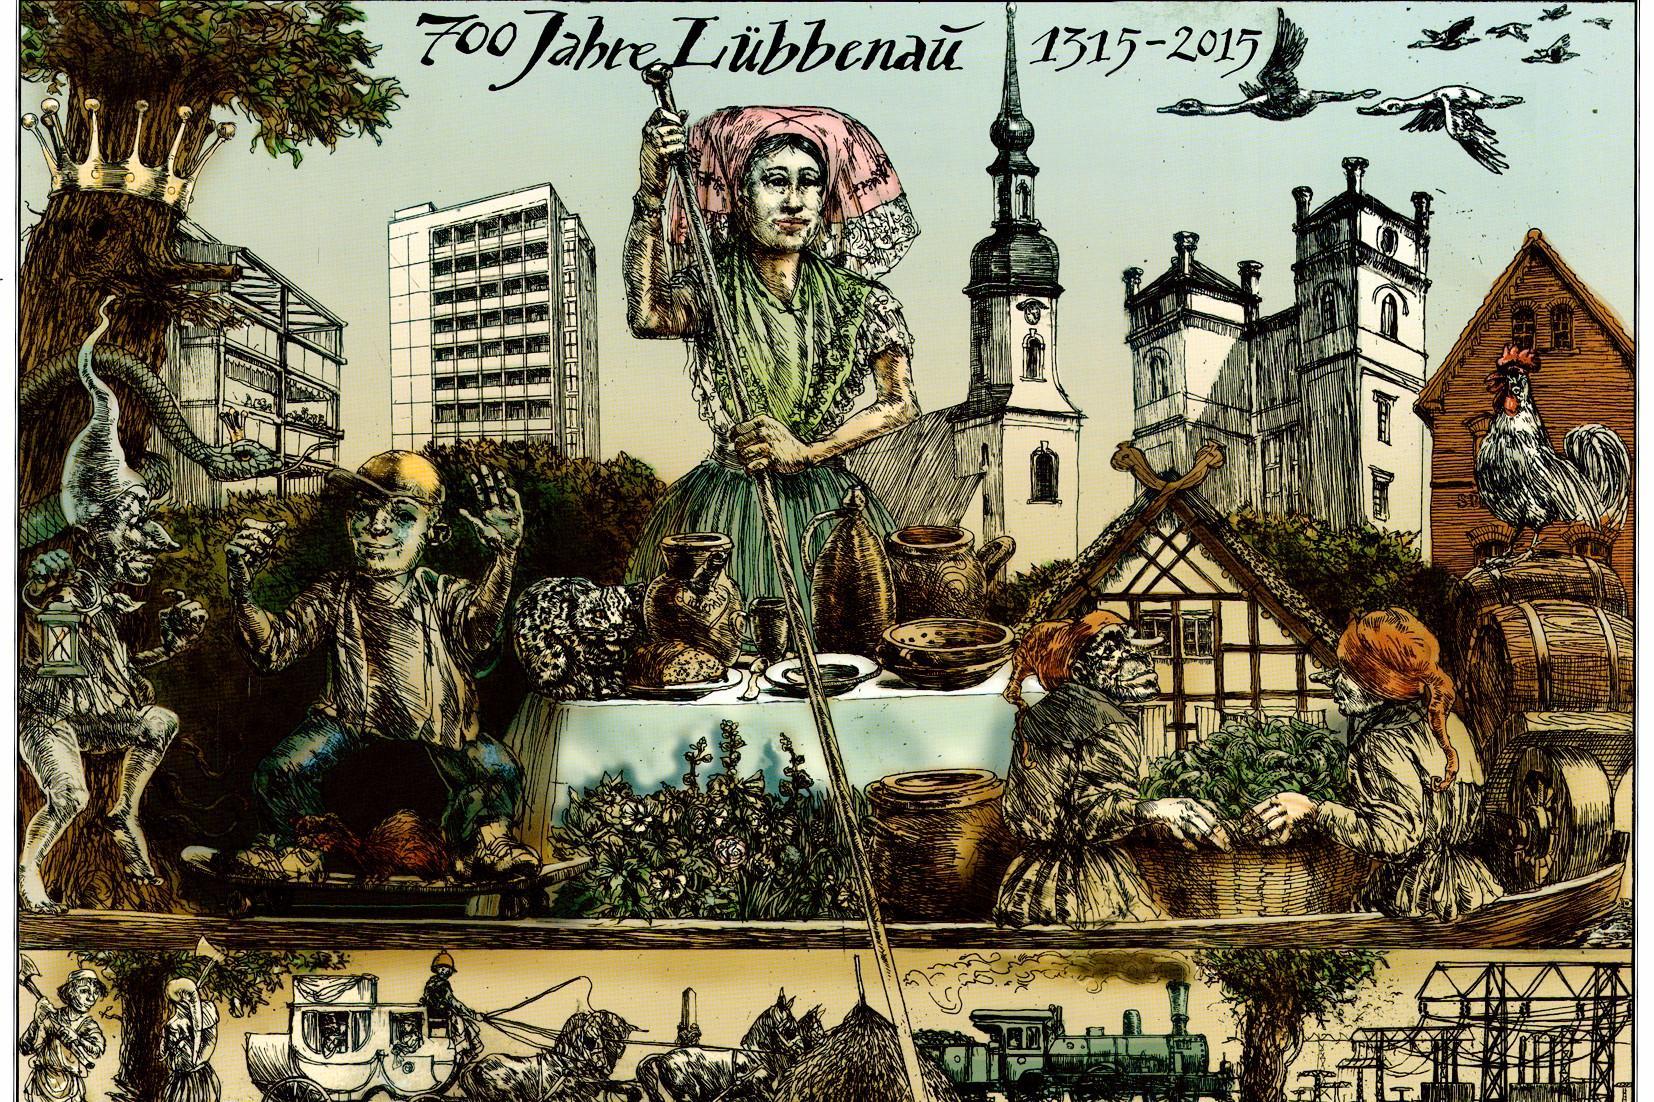 Aquatinta Radierung zu 700 Jahre Lübbenau/Spreewald, Künstler: Rainer Ehrt